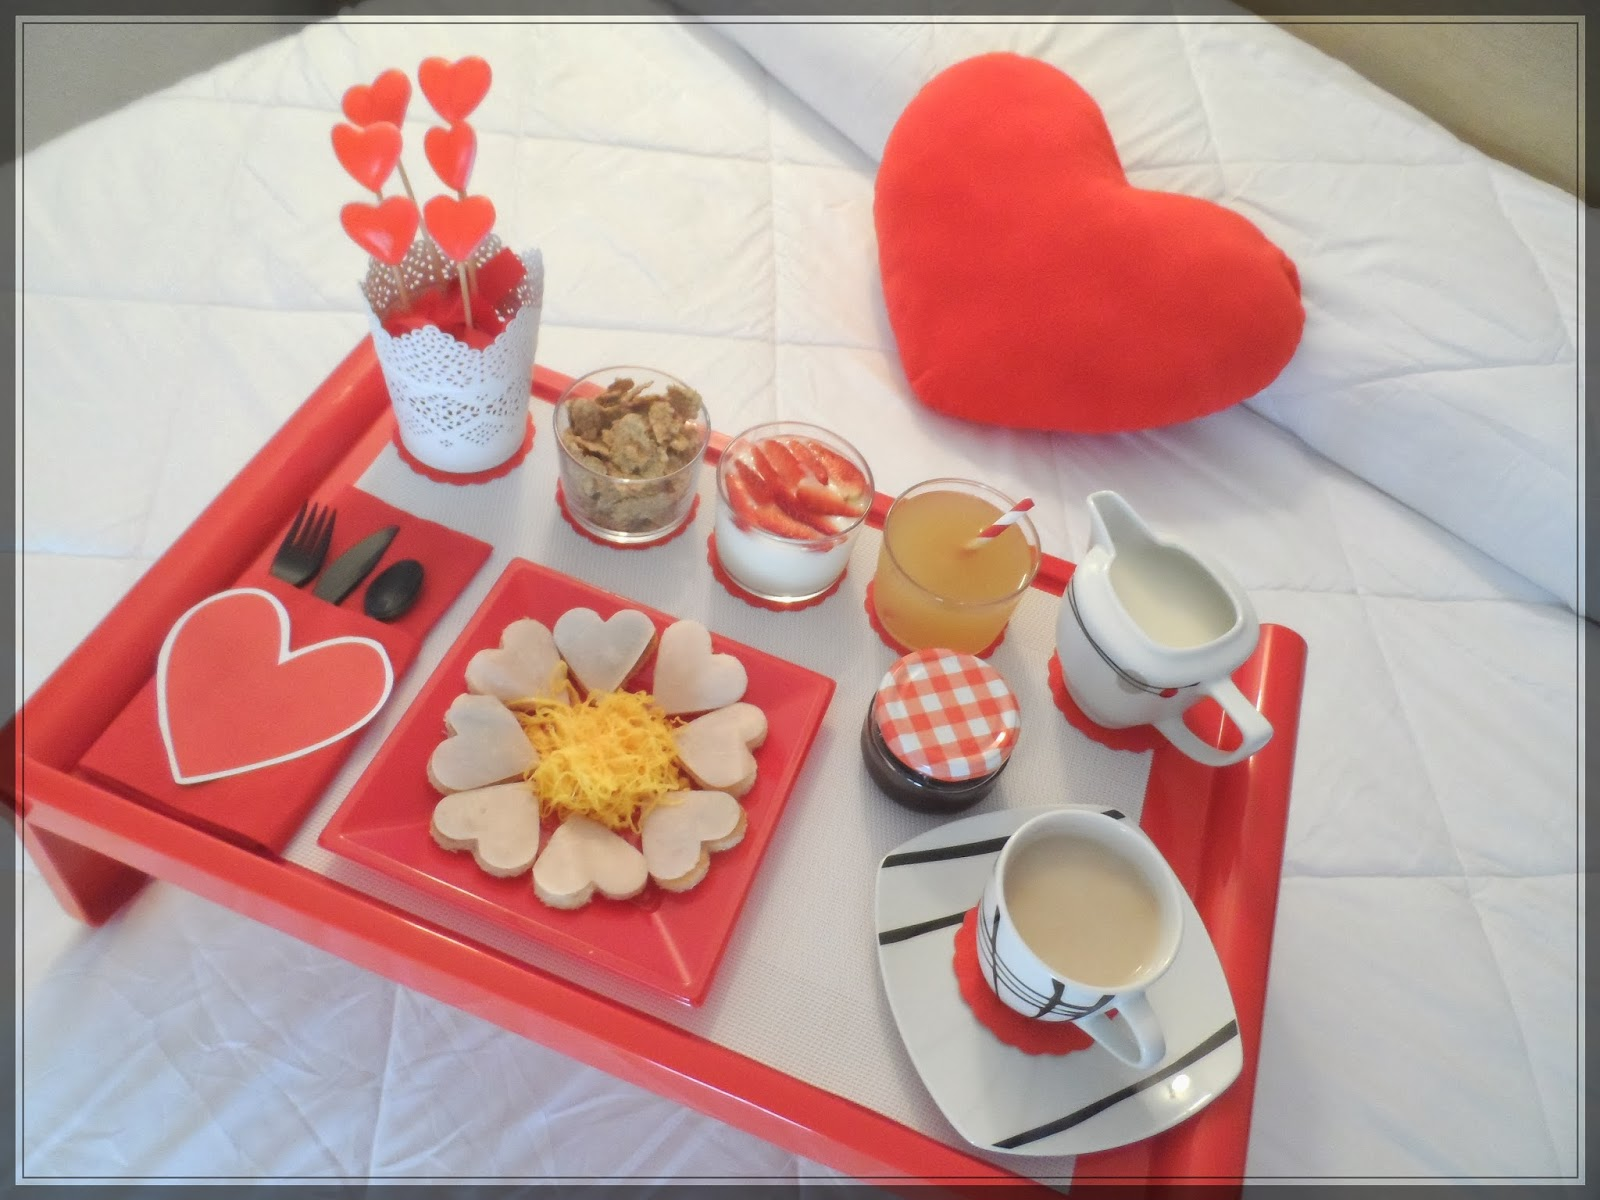 Las Mesas de Nu00faria: En San Valentu00edn . . . u00a1 el desayuno en ...